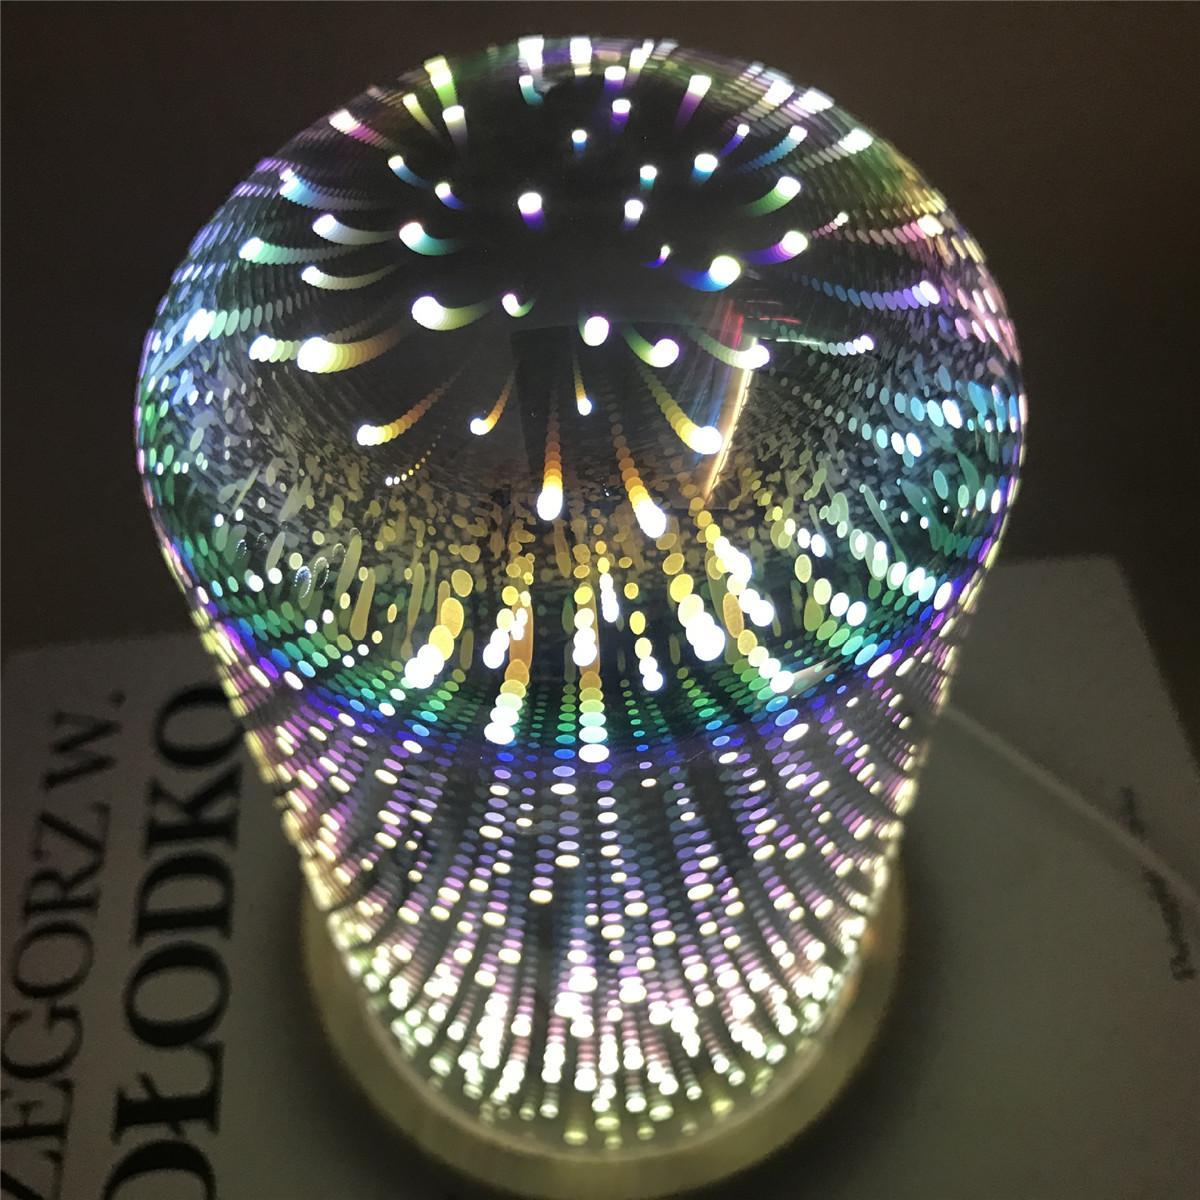 LED Glass Tree Flower Starburst Shaped Wooden Base Night Light USB Power Desk Table Book Lamp Cafe Bar Home Decor DC 5V